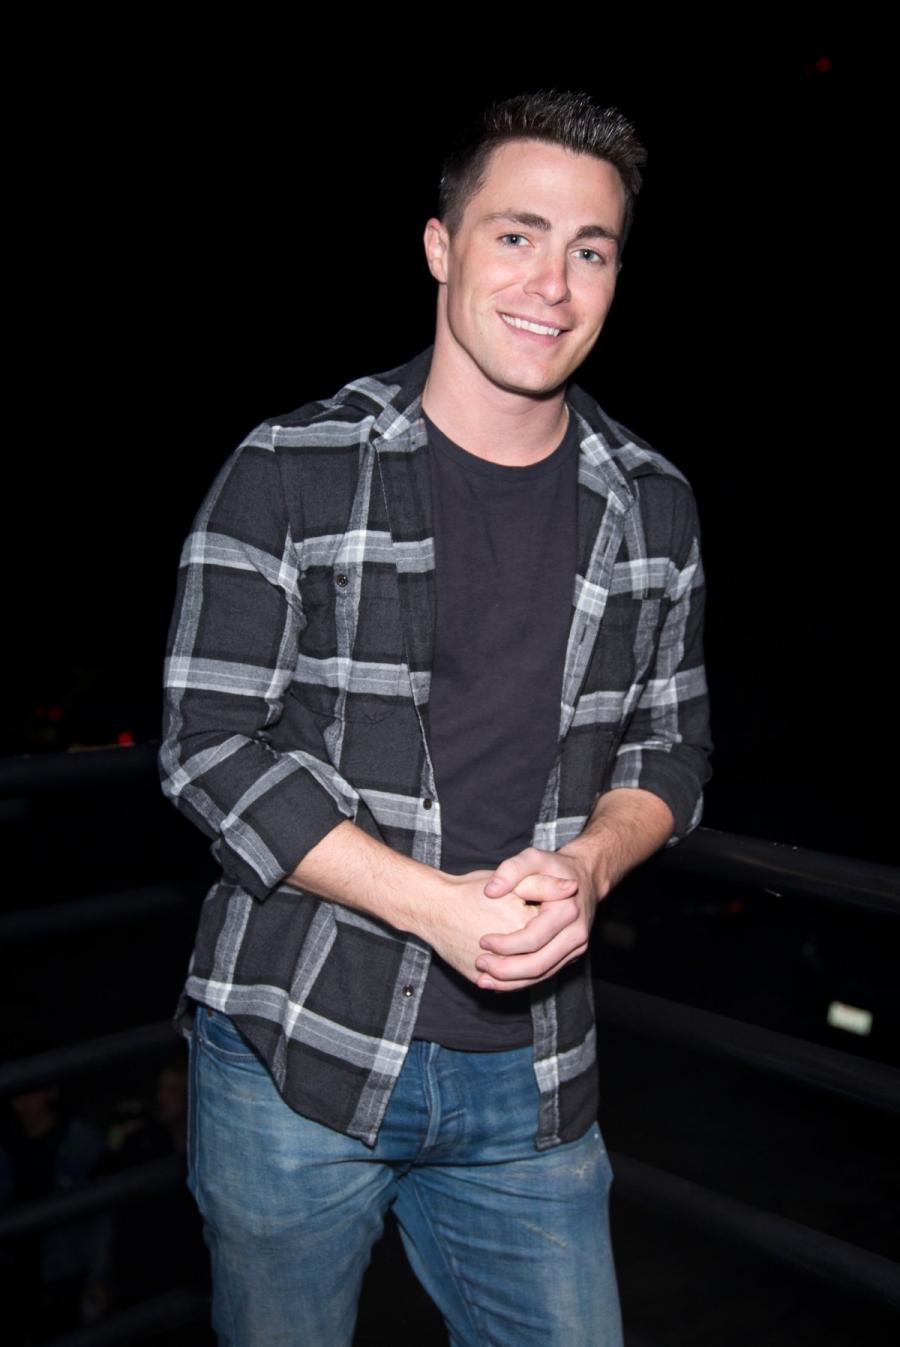 America America Actor de Hollywood que se declaró gay, presenta a su apuesto novio